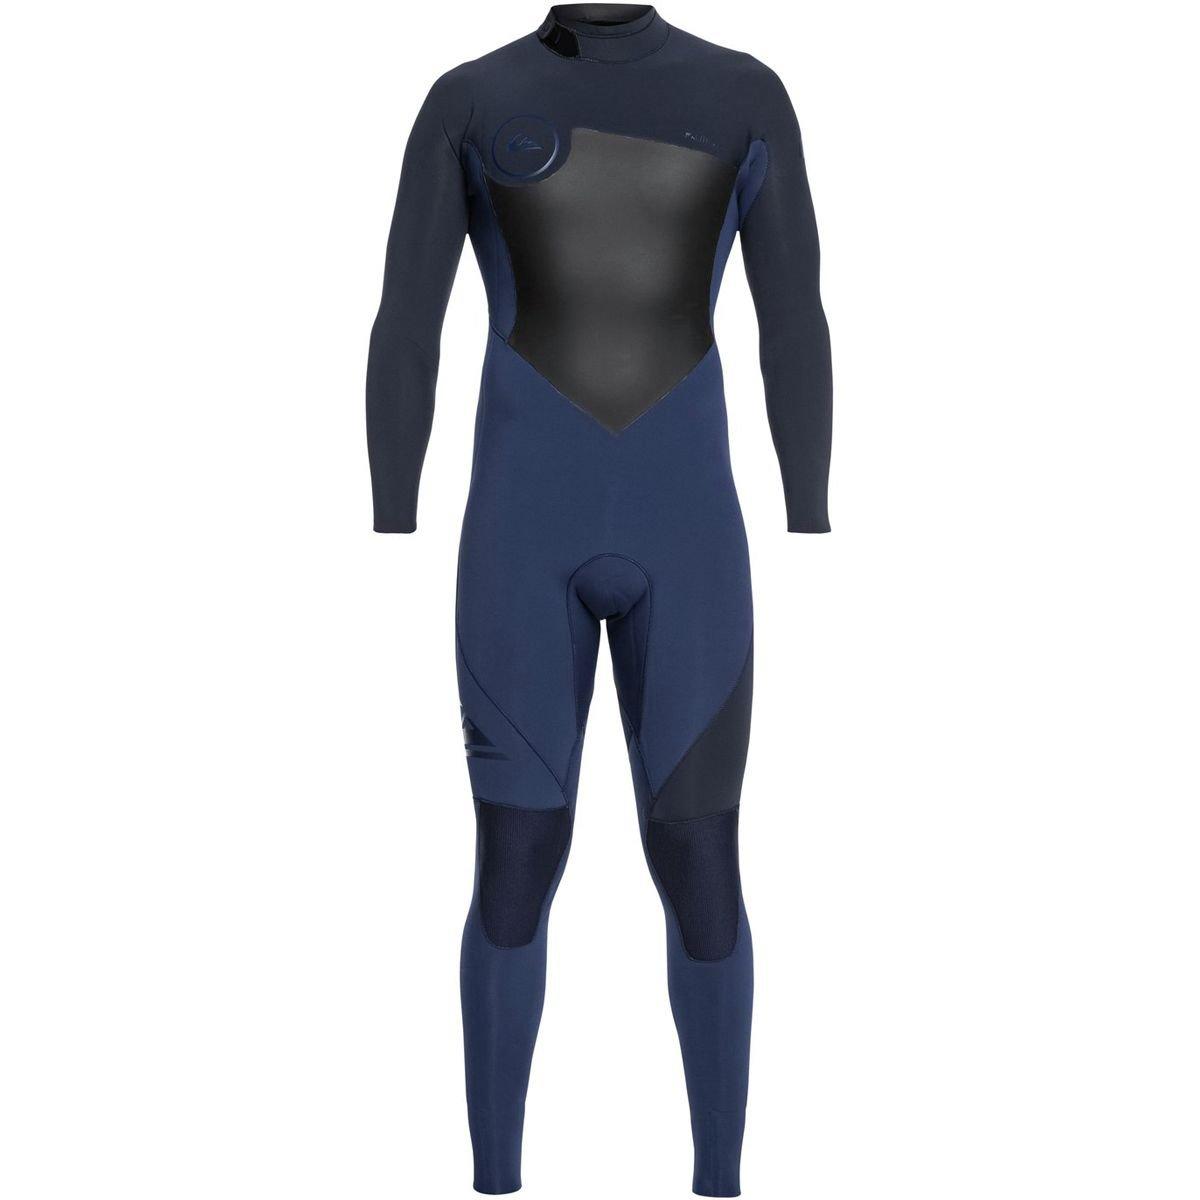 100%の保証 Quiksilverメンズ4/ Tall Iodine 3 mm Syncro Syncro Back Zip Black Full Wetsuit、ネイビーブレザー、 B07F8FF44W Large Tall Iodine Blue/Slate Black Iodine Blue/Slate Black Large Tall, 【ロングス】ウォーキング:76f9da75 --- arianechie.dominiotemporario.com